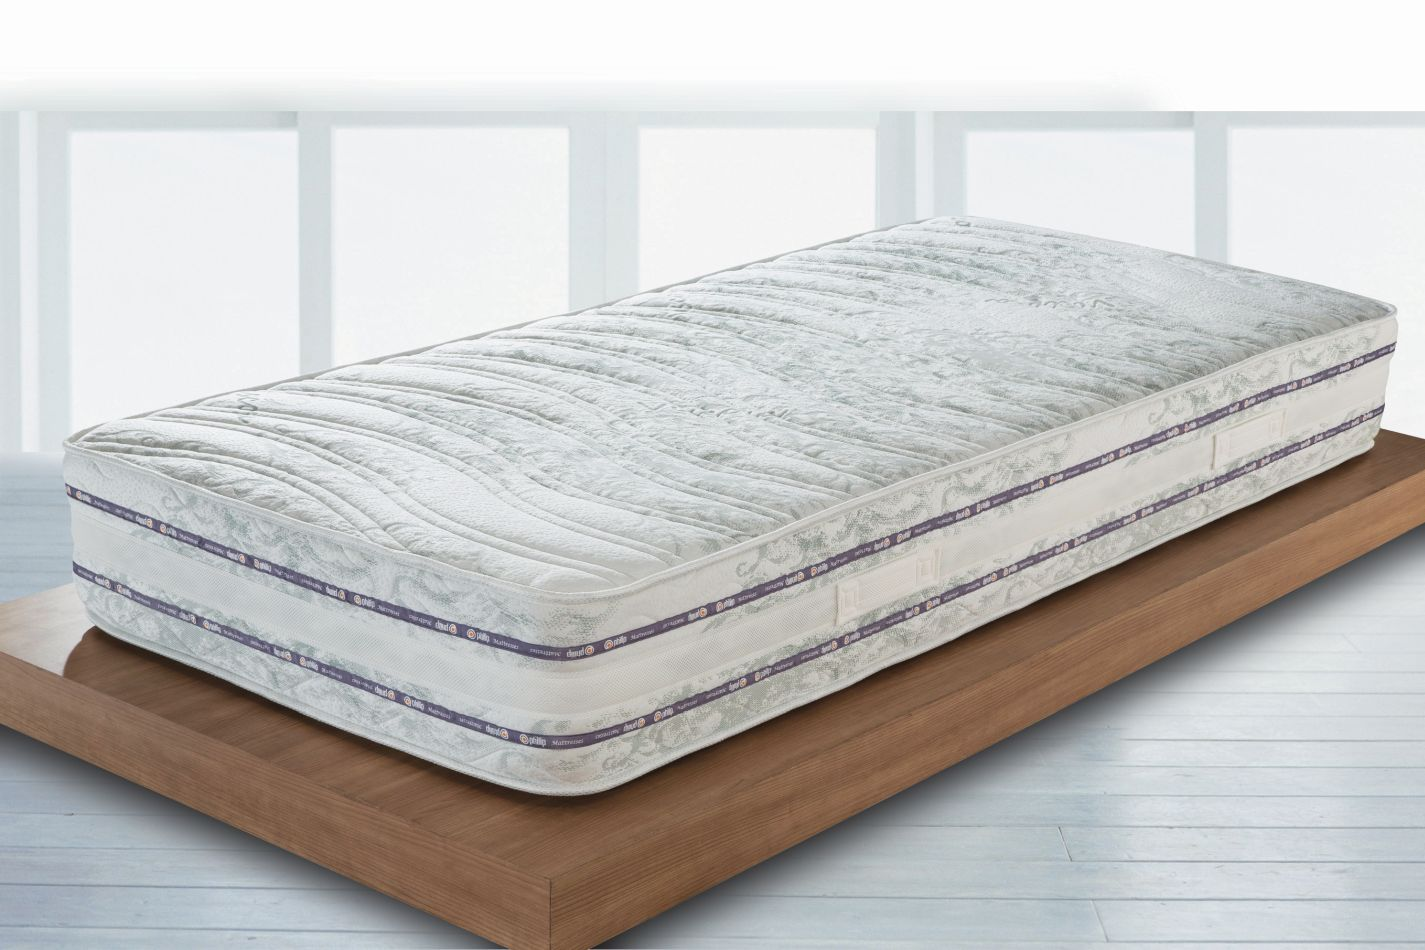 Matratze Balance mit Taschen Federkern - Abmessungen: 80 x 200 cm